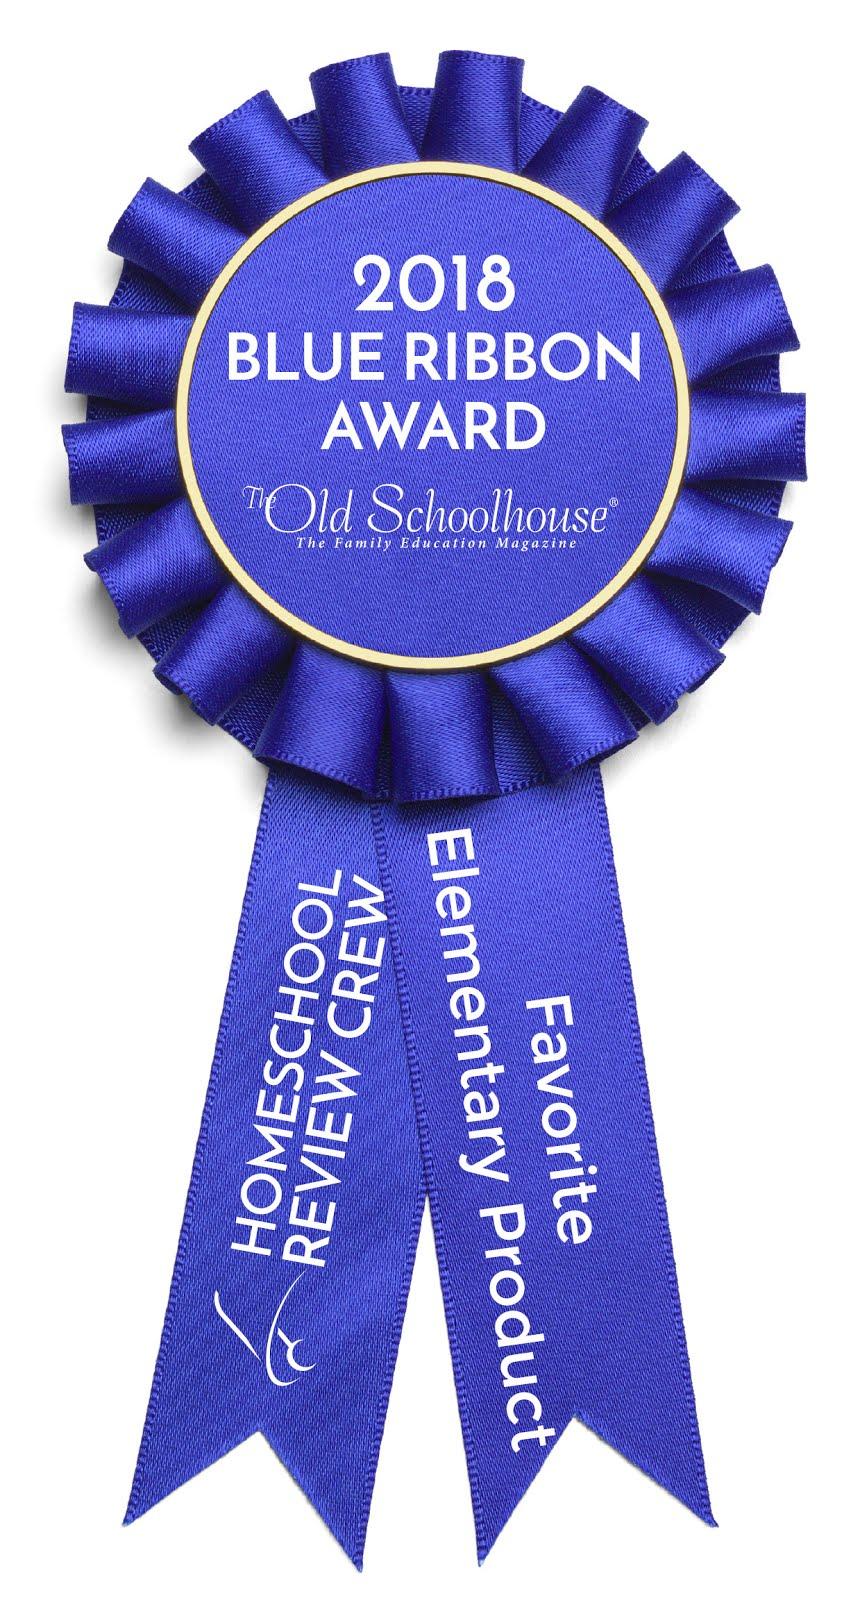 TOS Award